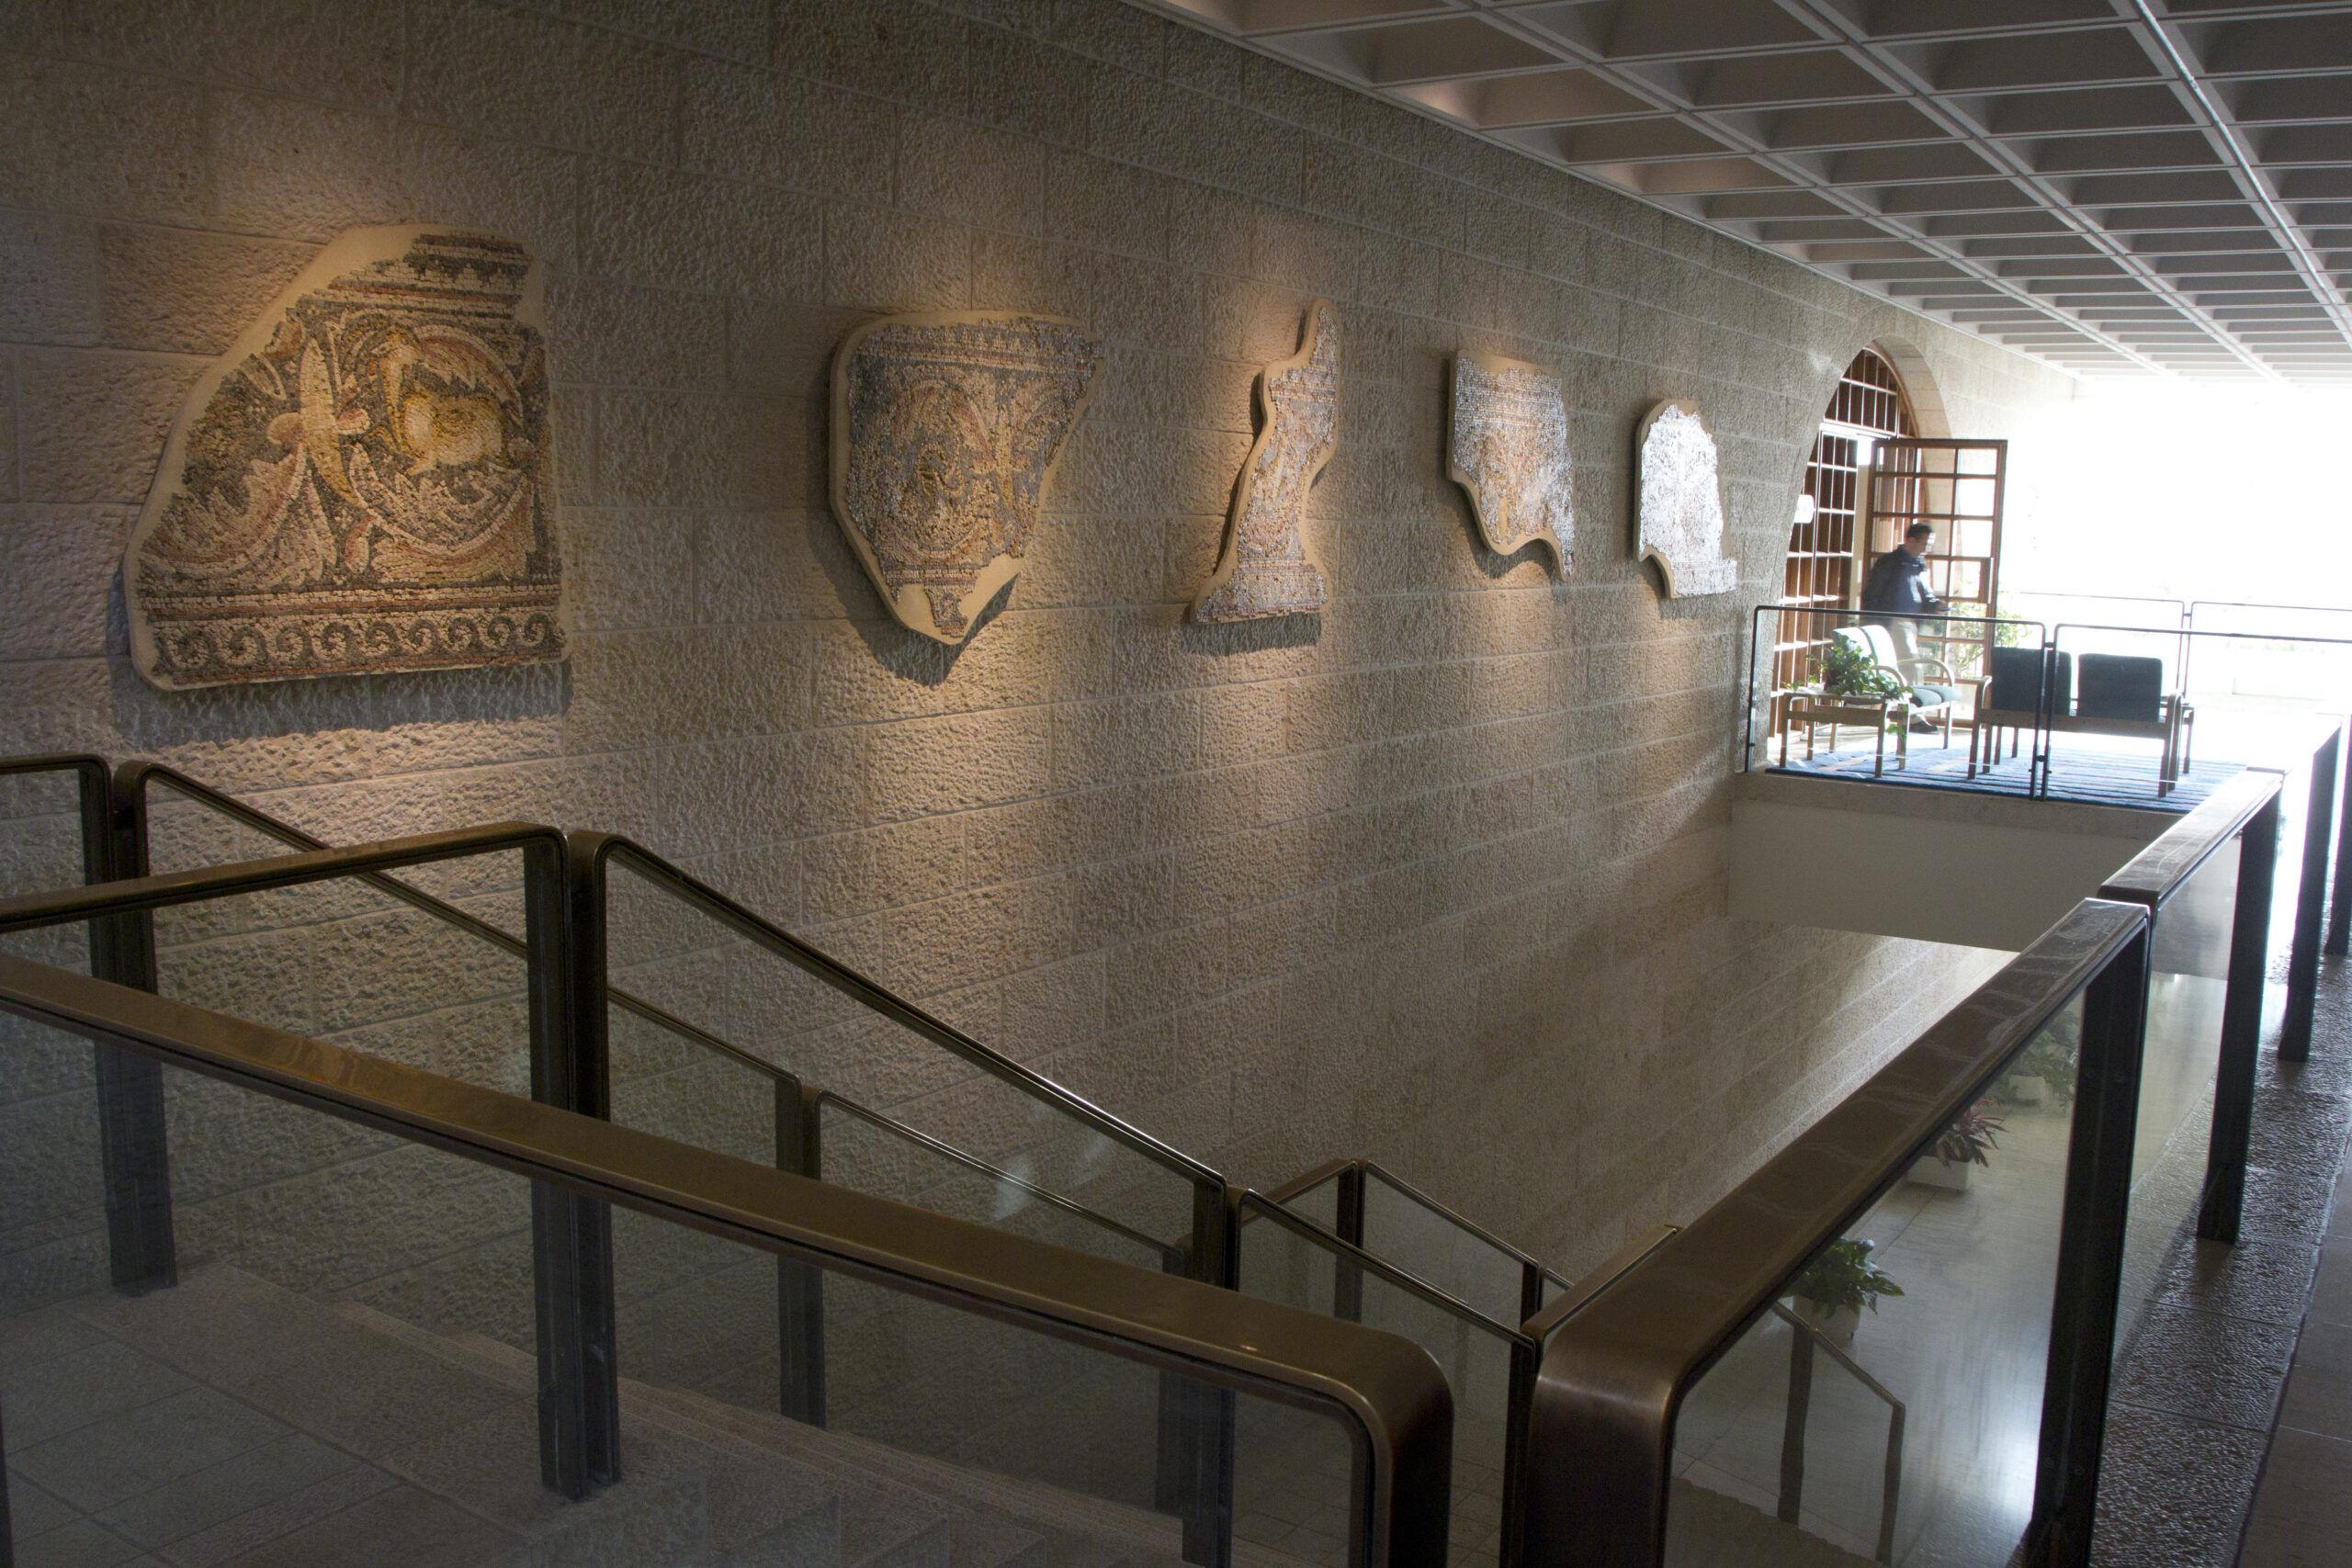 Mosaic above a stairwell in the Jerusalem Center. Photograph by Mark Philbrick. Courtesy BYU Jerusalem Center.